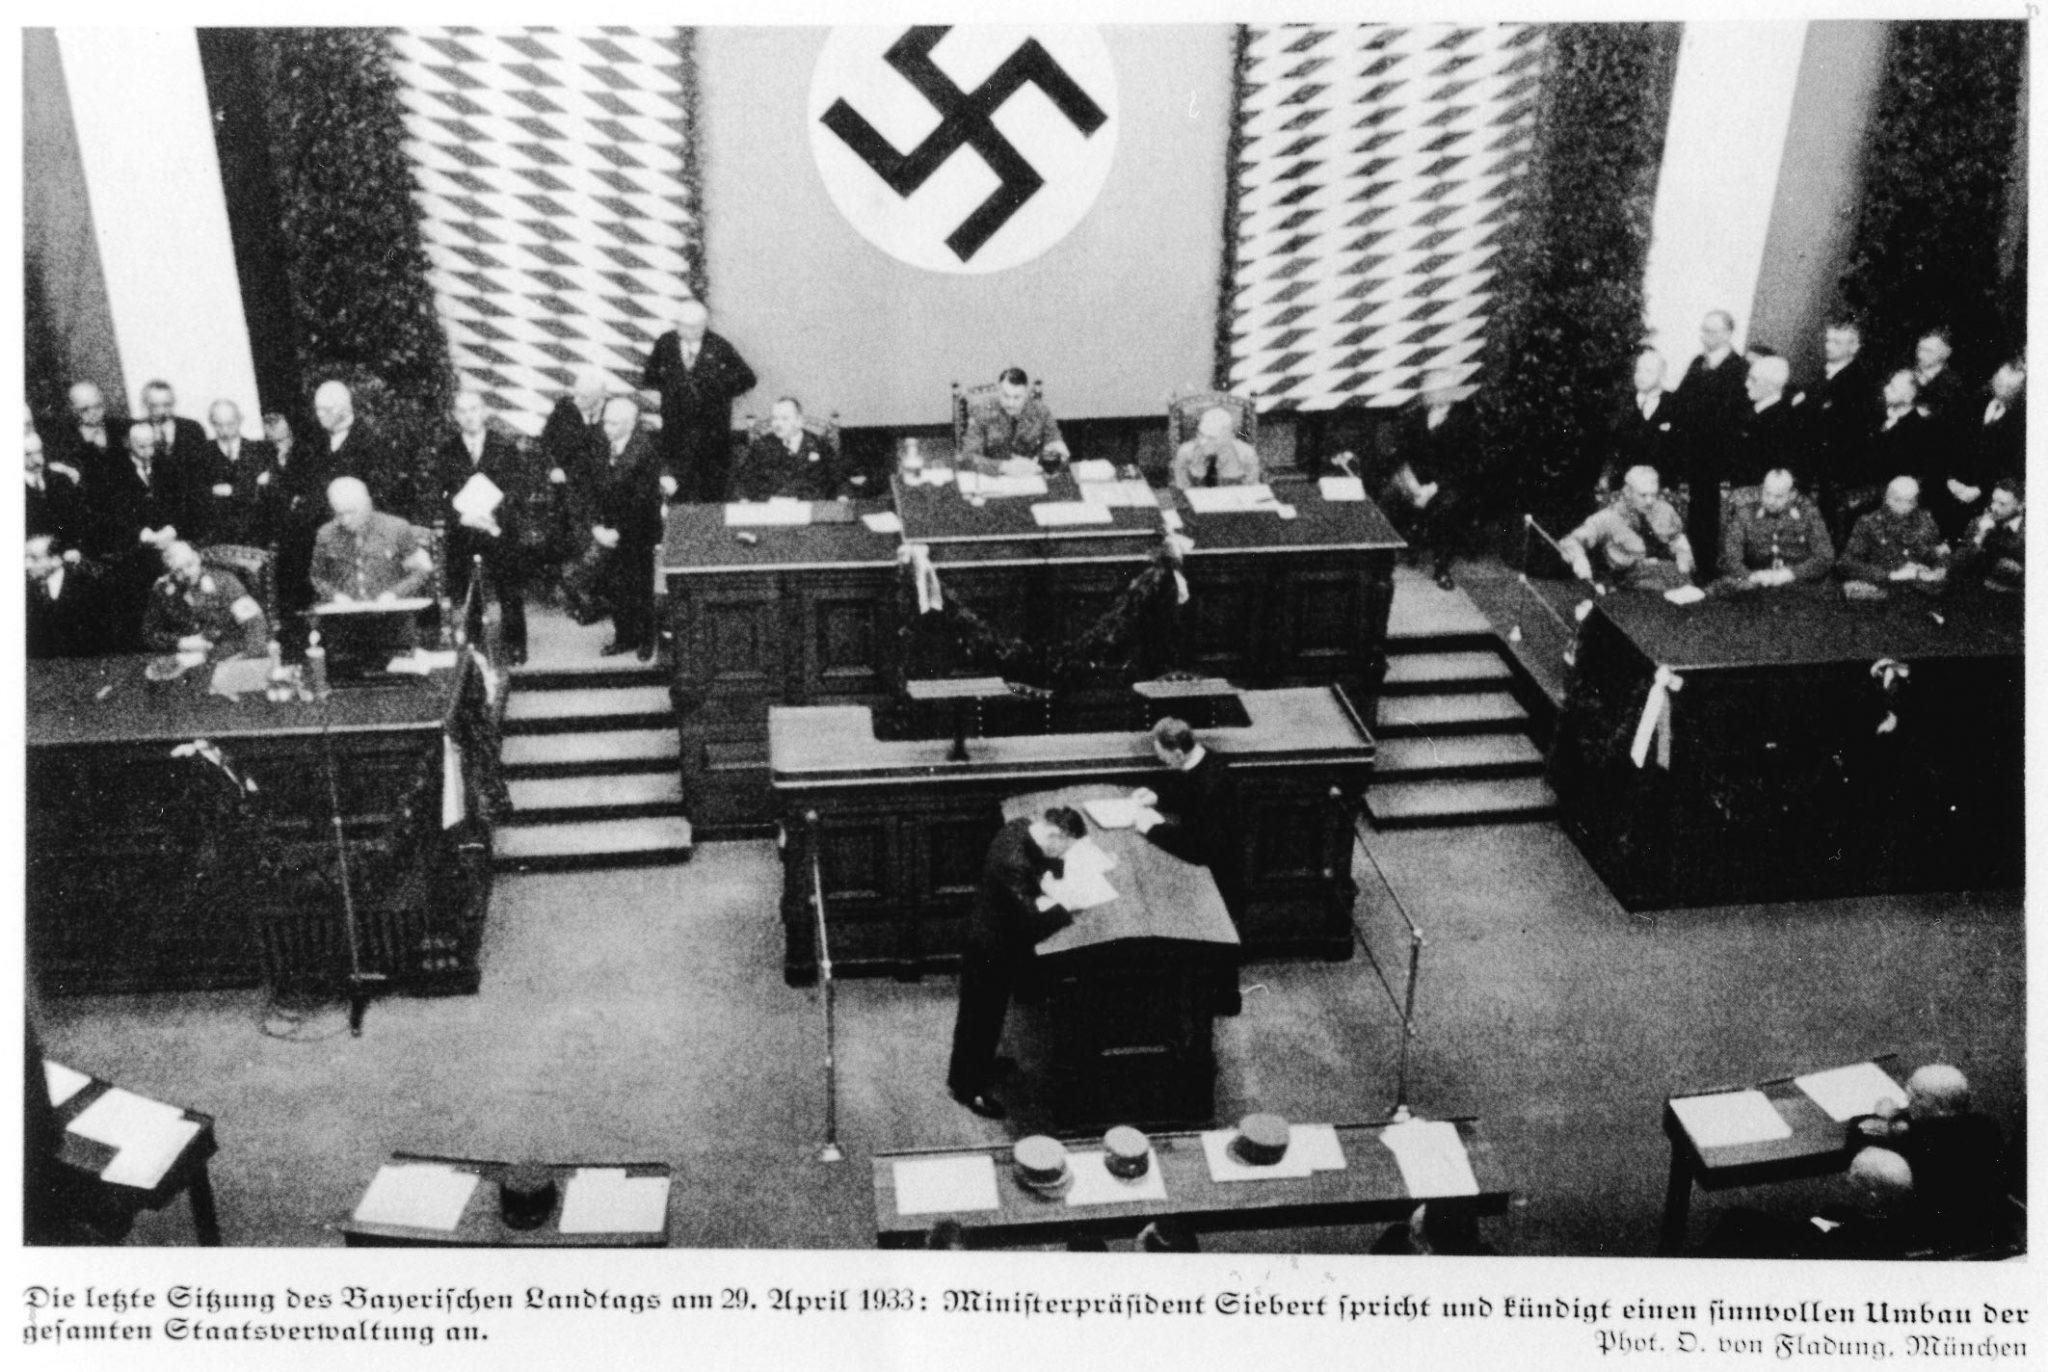 Abgeordnete tagen 1933 im Bayerischen Landtag. Das Hakenkreuz der Nationalsozialisten hängt im Hintergrund großflächig an der Wand.